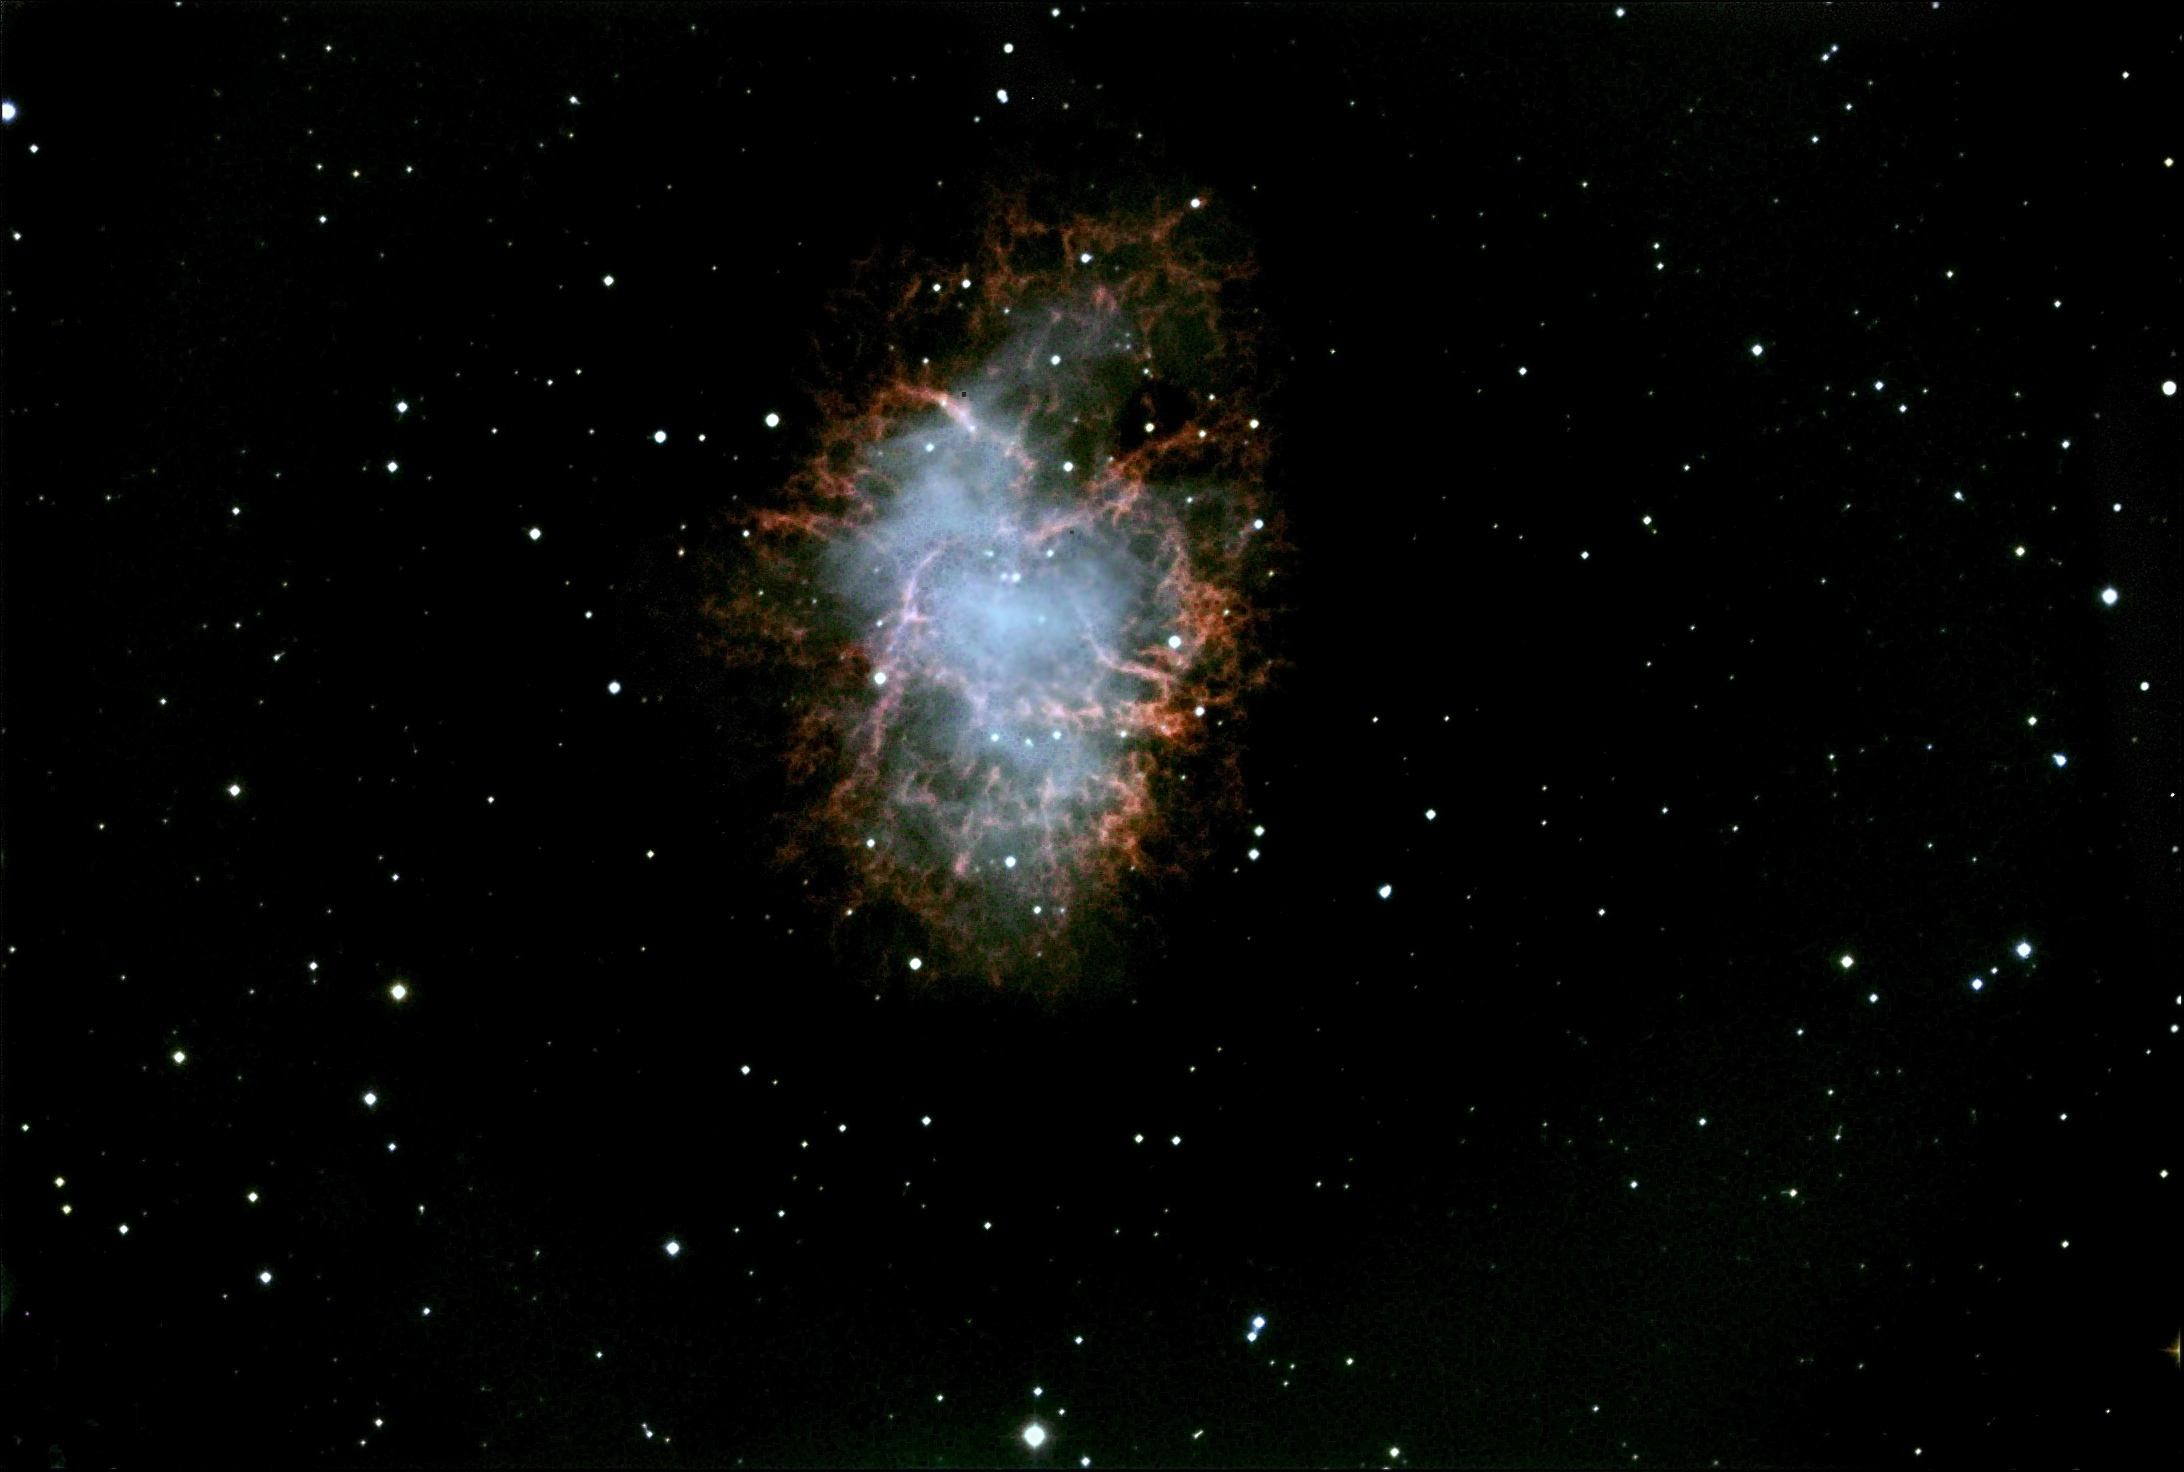 taurus the bull constellation crab nebula - photo #17